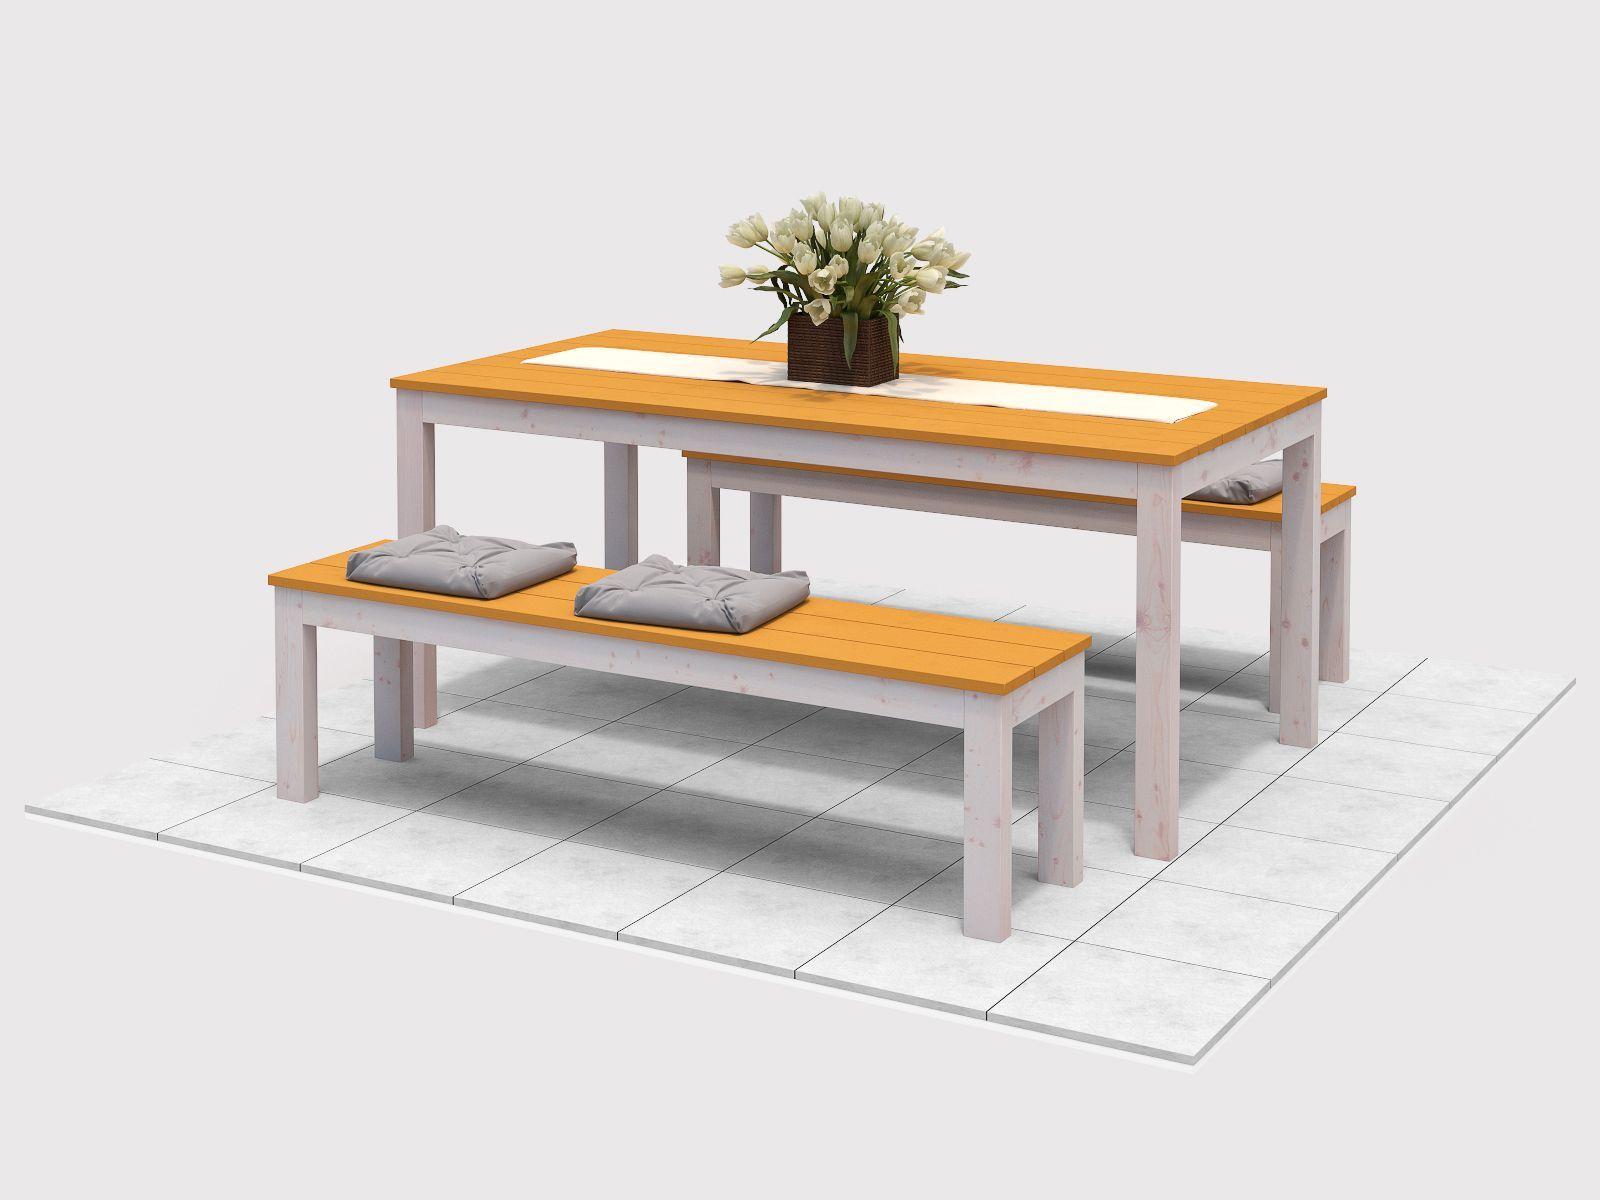 Gartentisch Sophie Create By Obi Gartentisch Gartentisch Selber Bauen Tisch